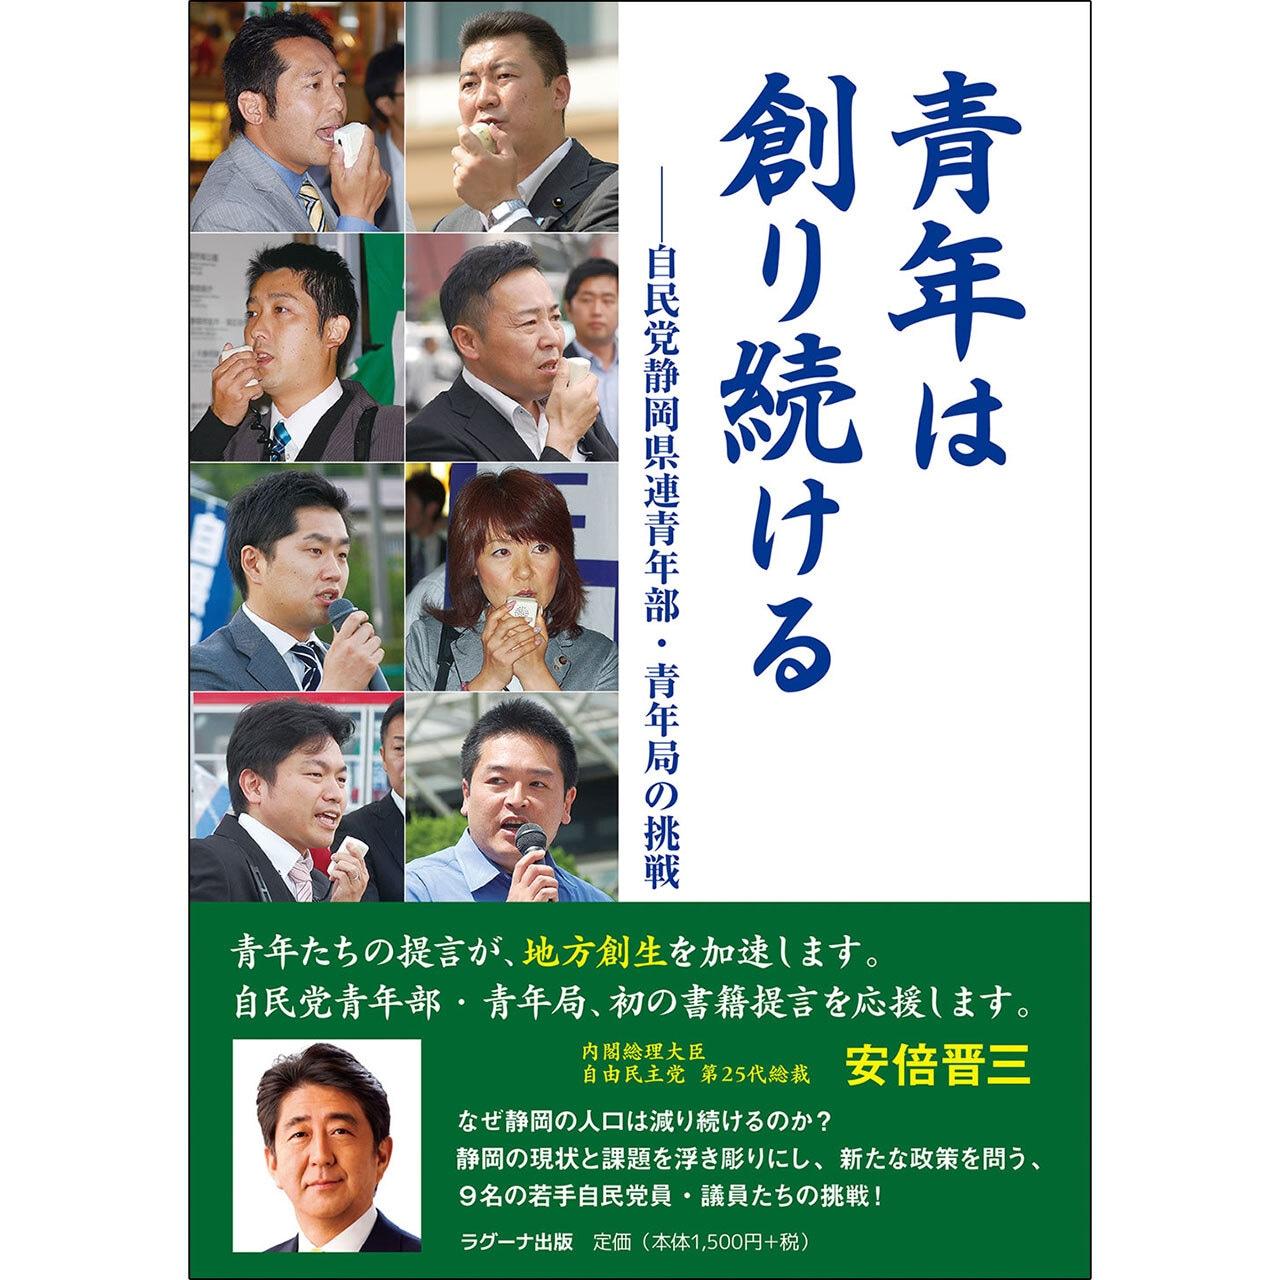 青年は創り続ける  ―自民党静岡県連青年部・青年局の挑戦―